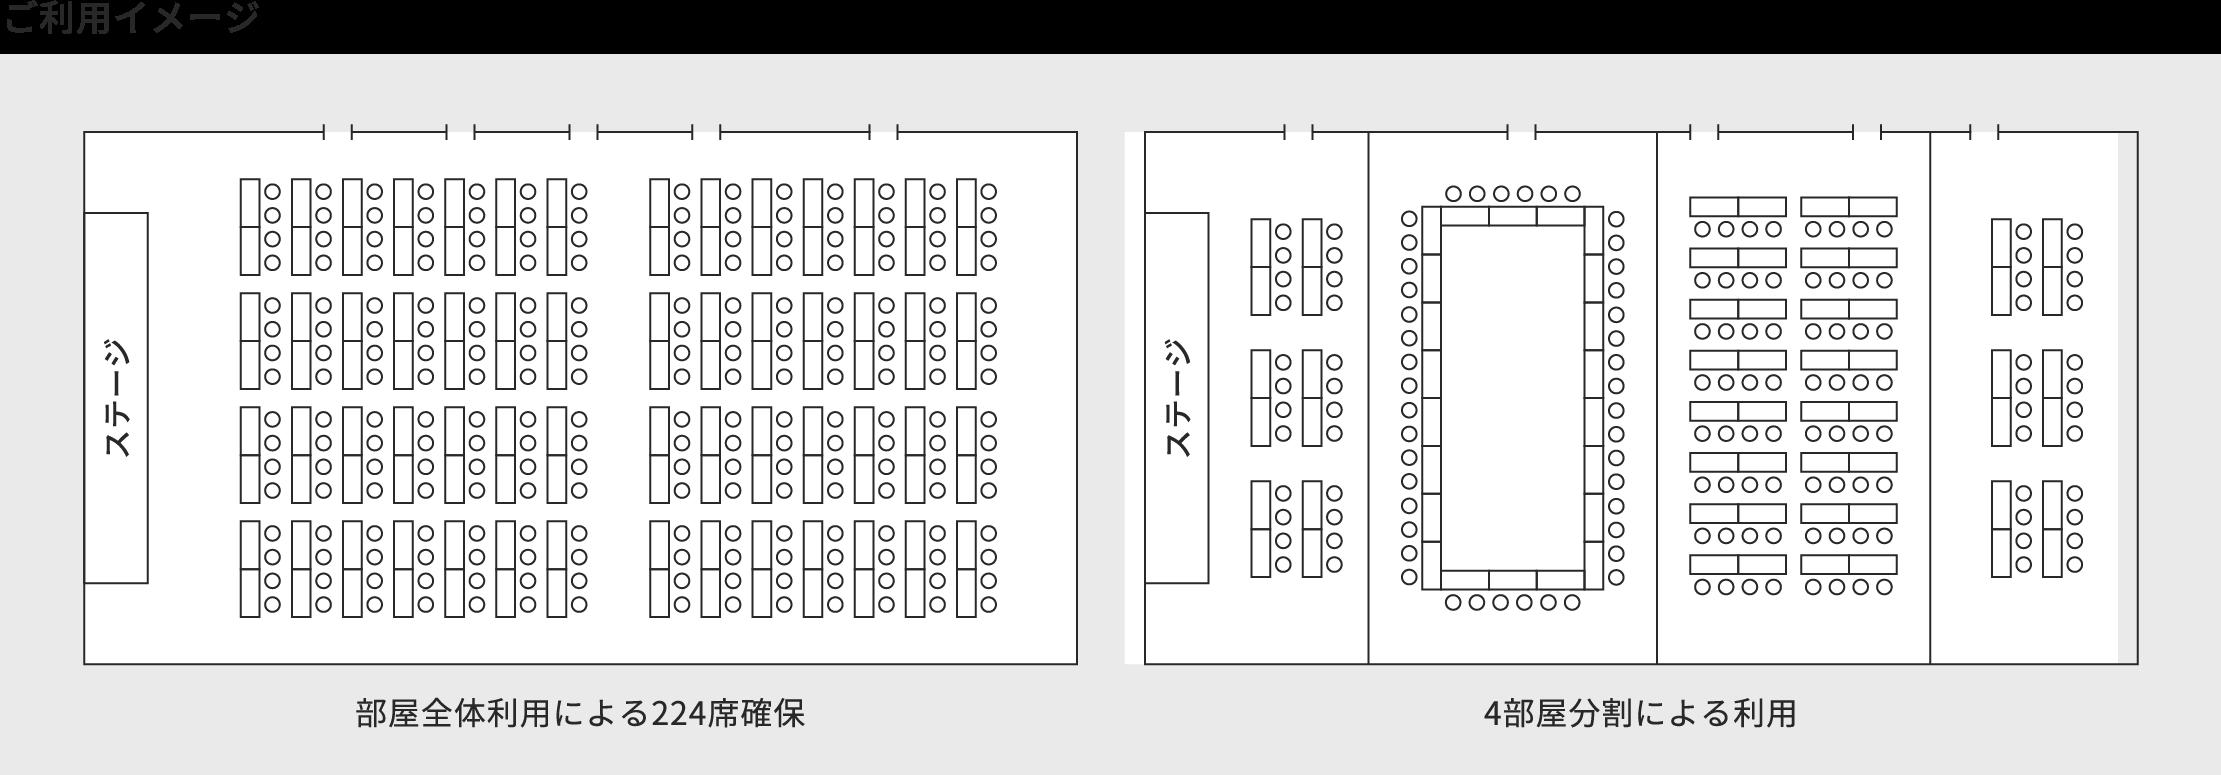 ご利用イメージ 部屋全体利用による224席確保 4部屋分割による利用